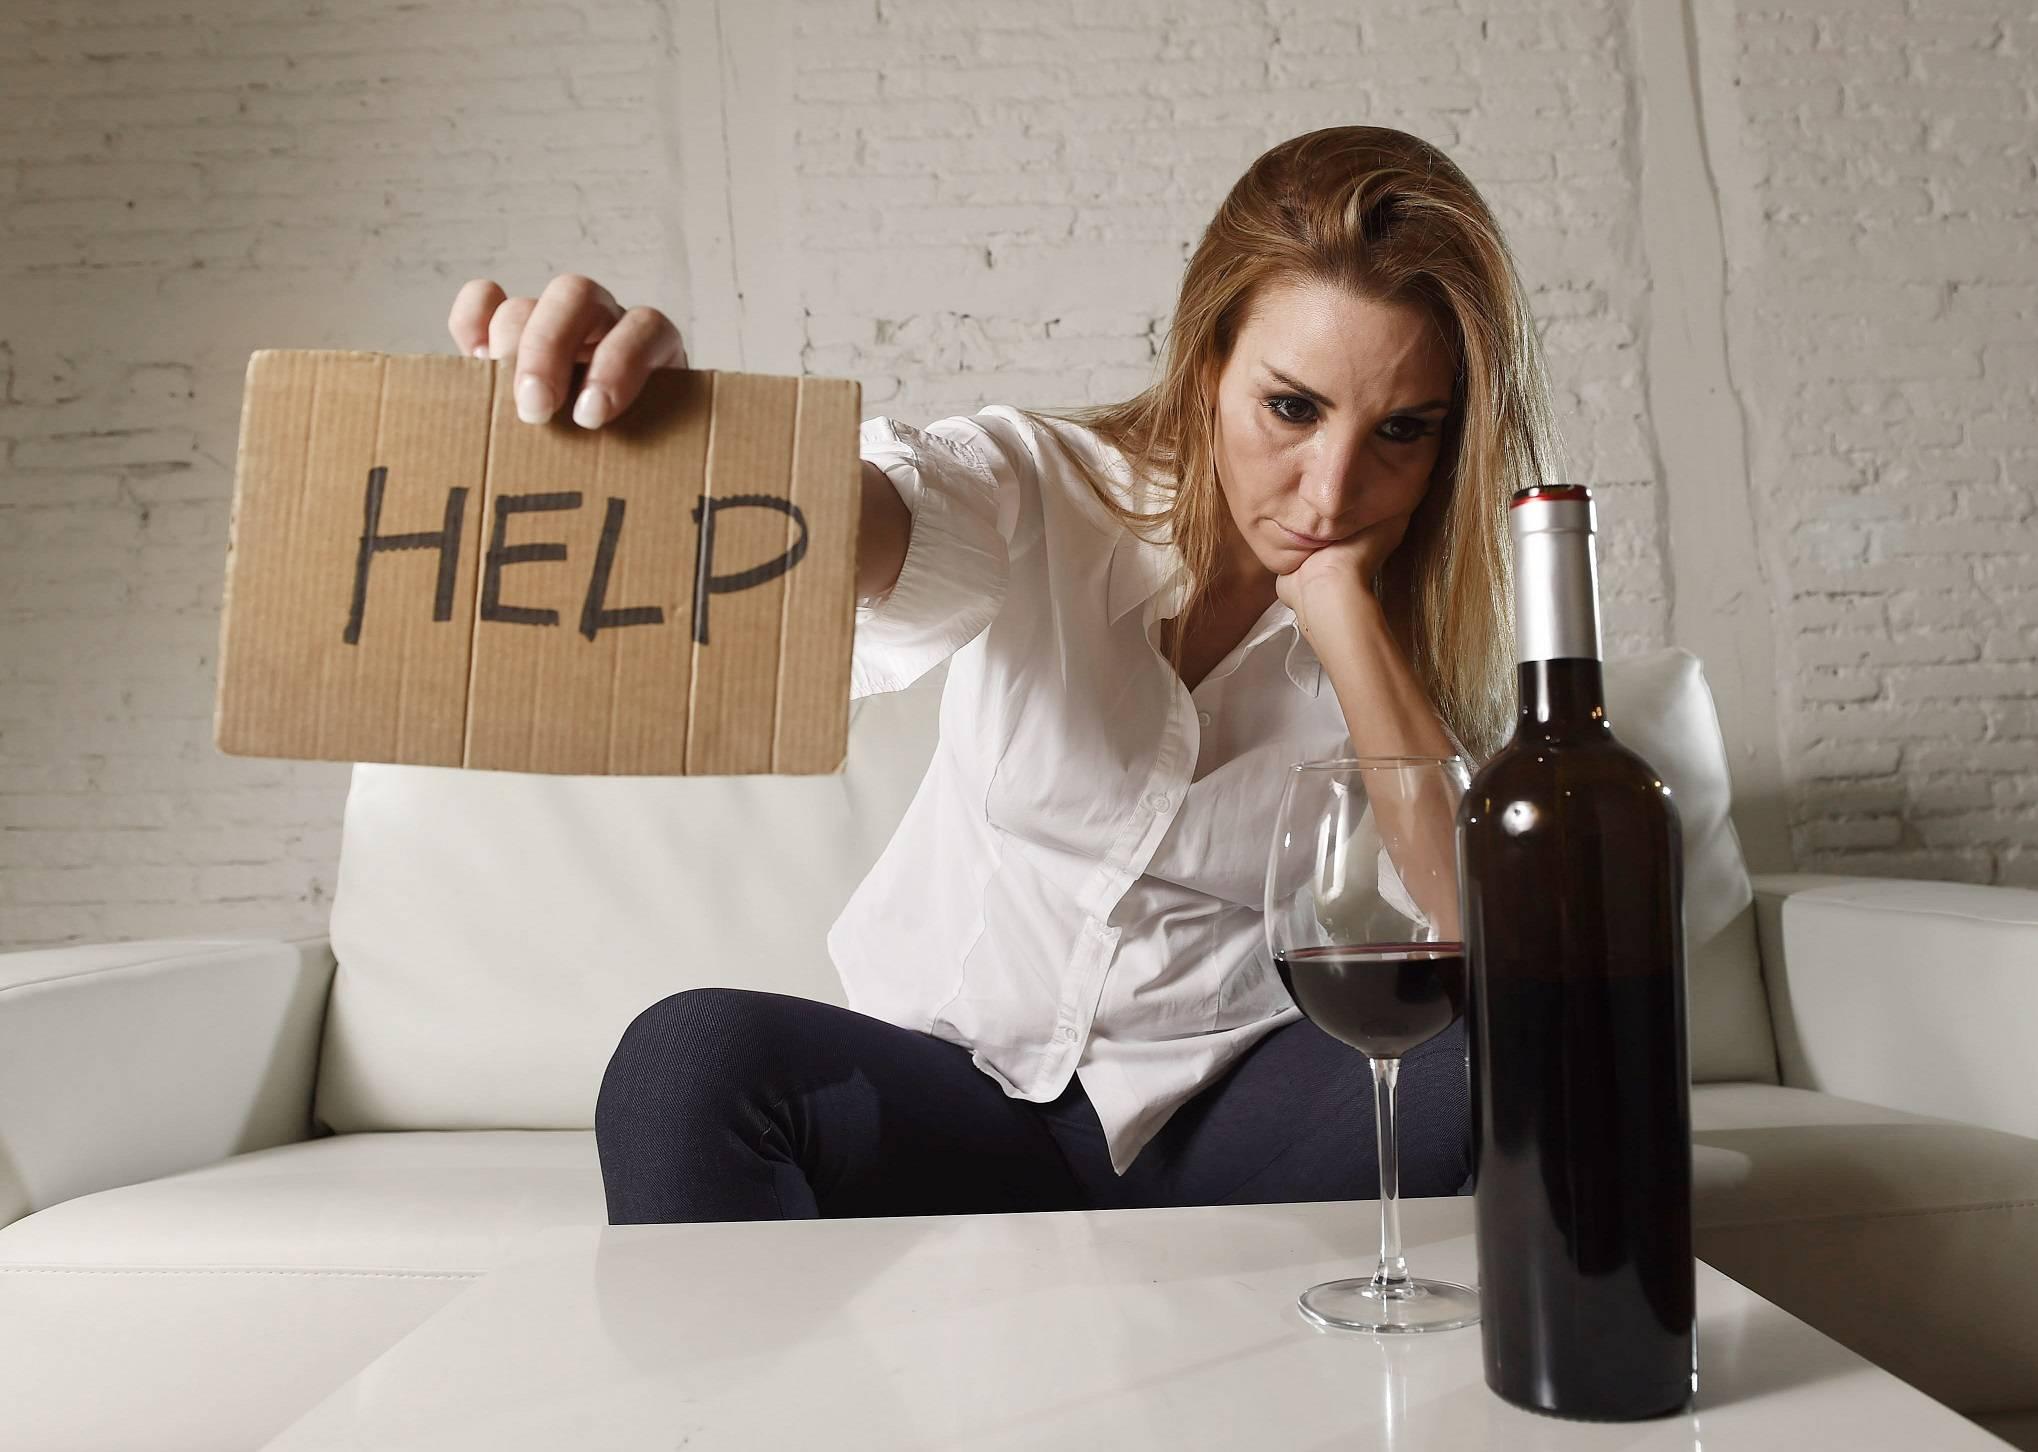 Выведение из запоя на дому и остановить домашними средствами